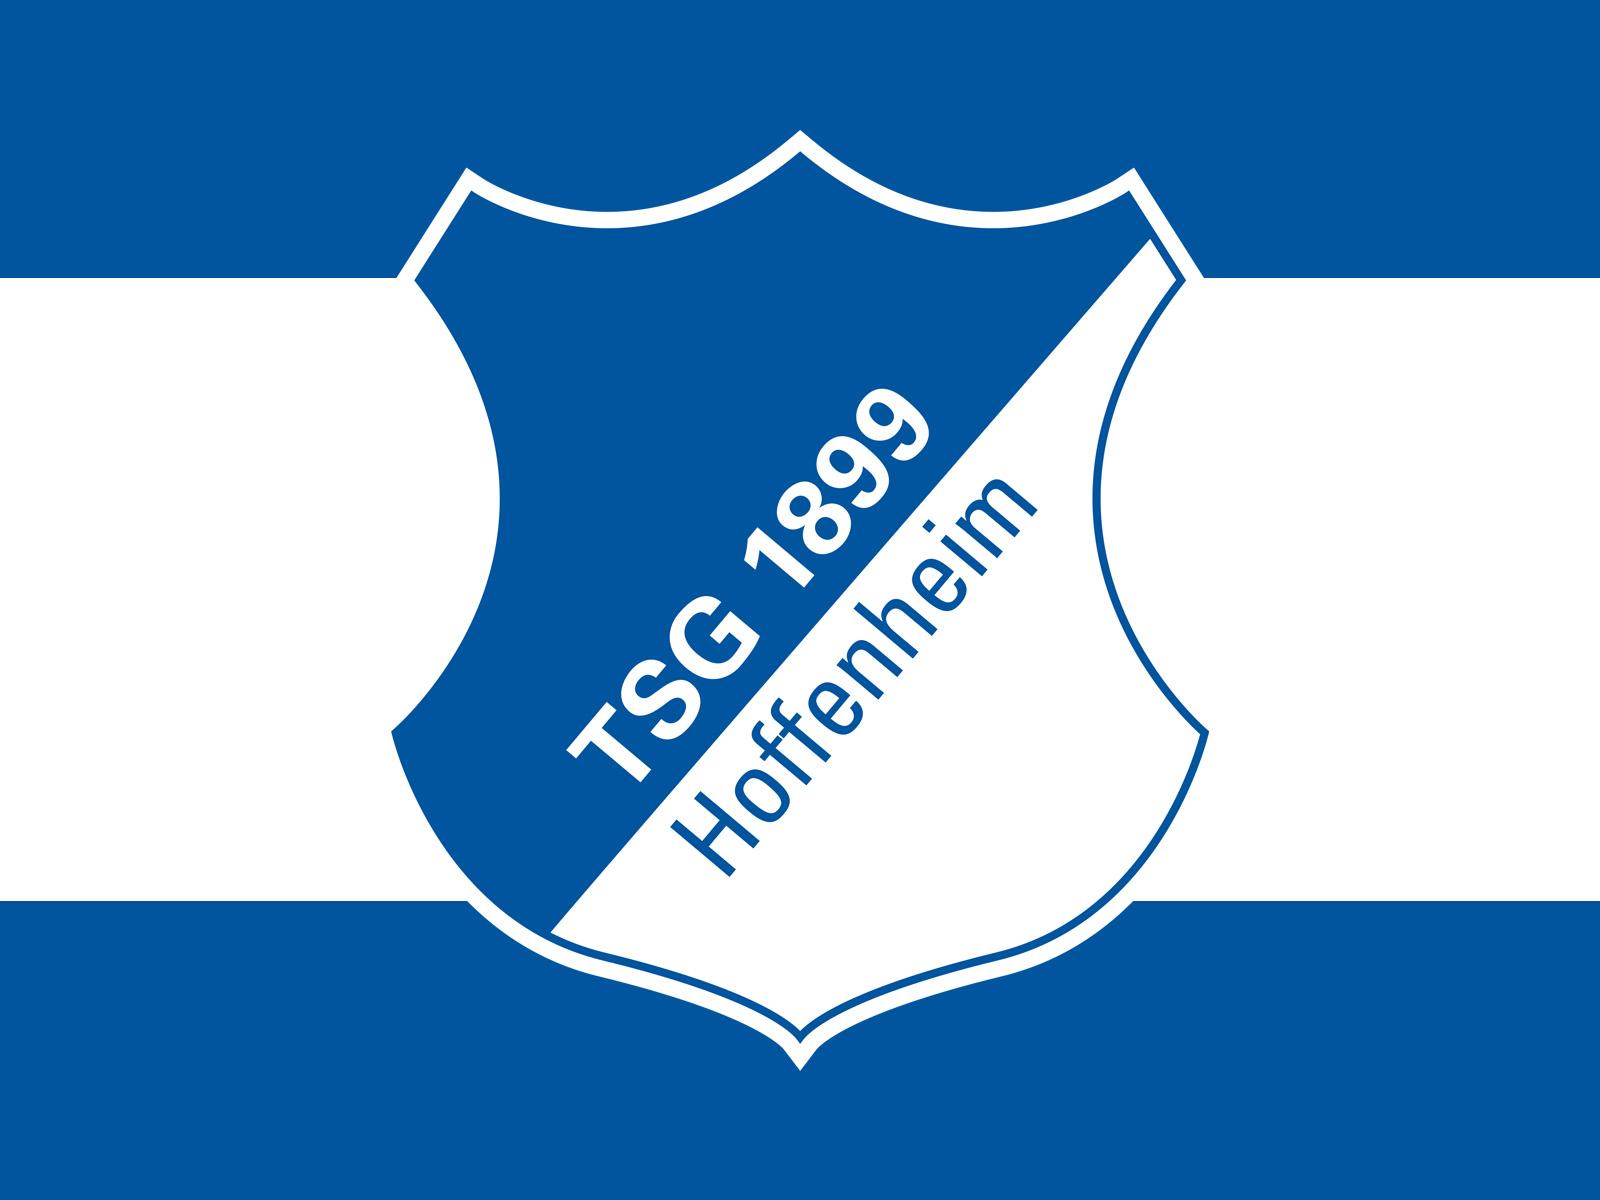 1899hoffenheim